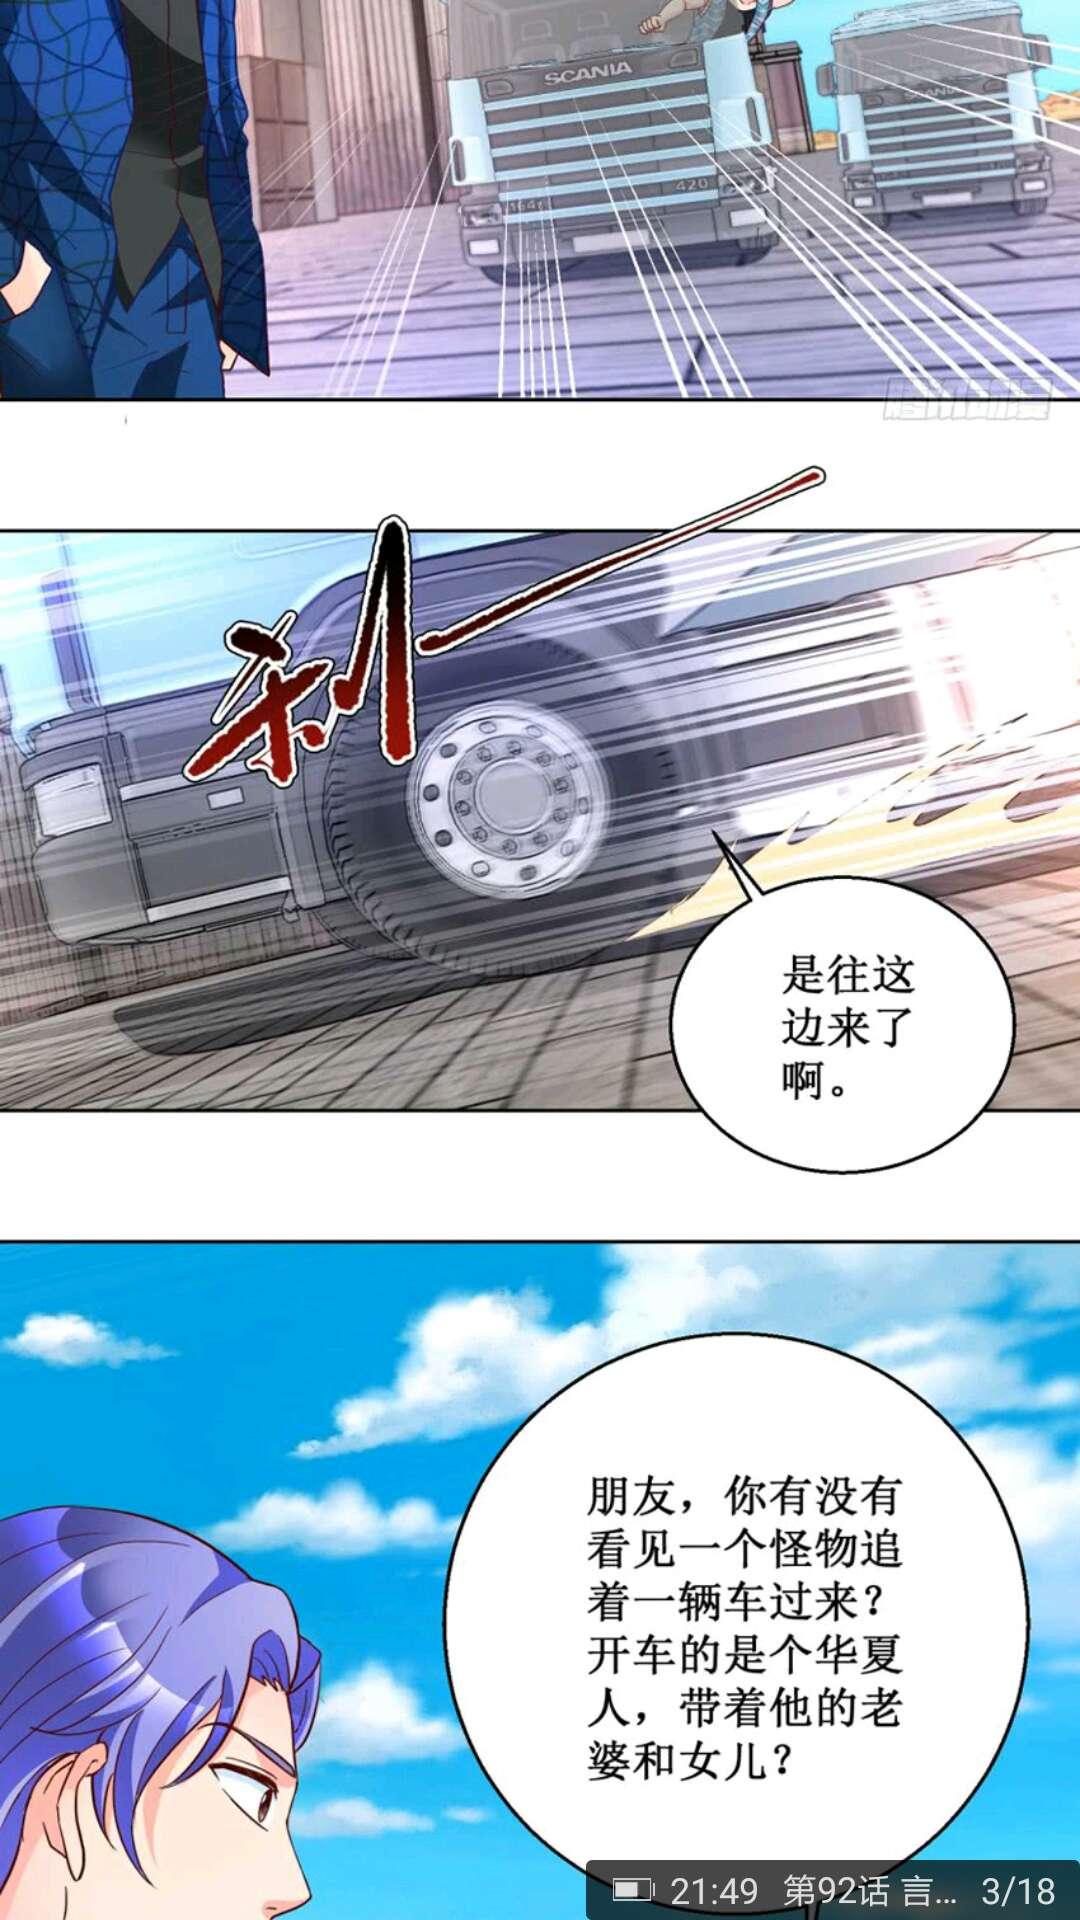 【漫画更新】蛊仙奶爸